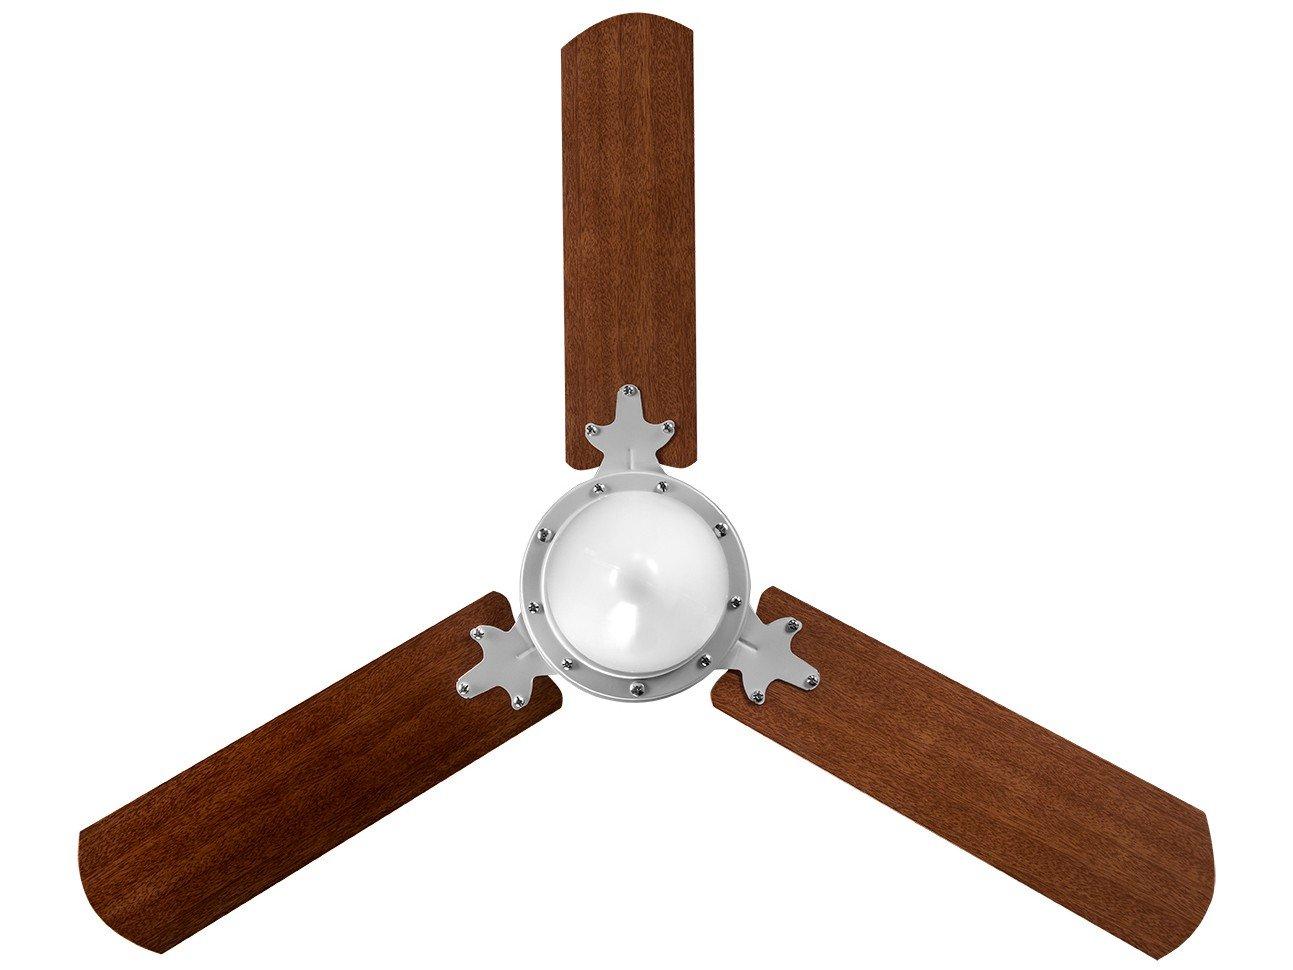 Ventilador de Teto Ventisol Wind 96cm - 3 Velocidades - 220 V - 1